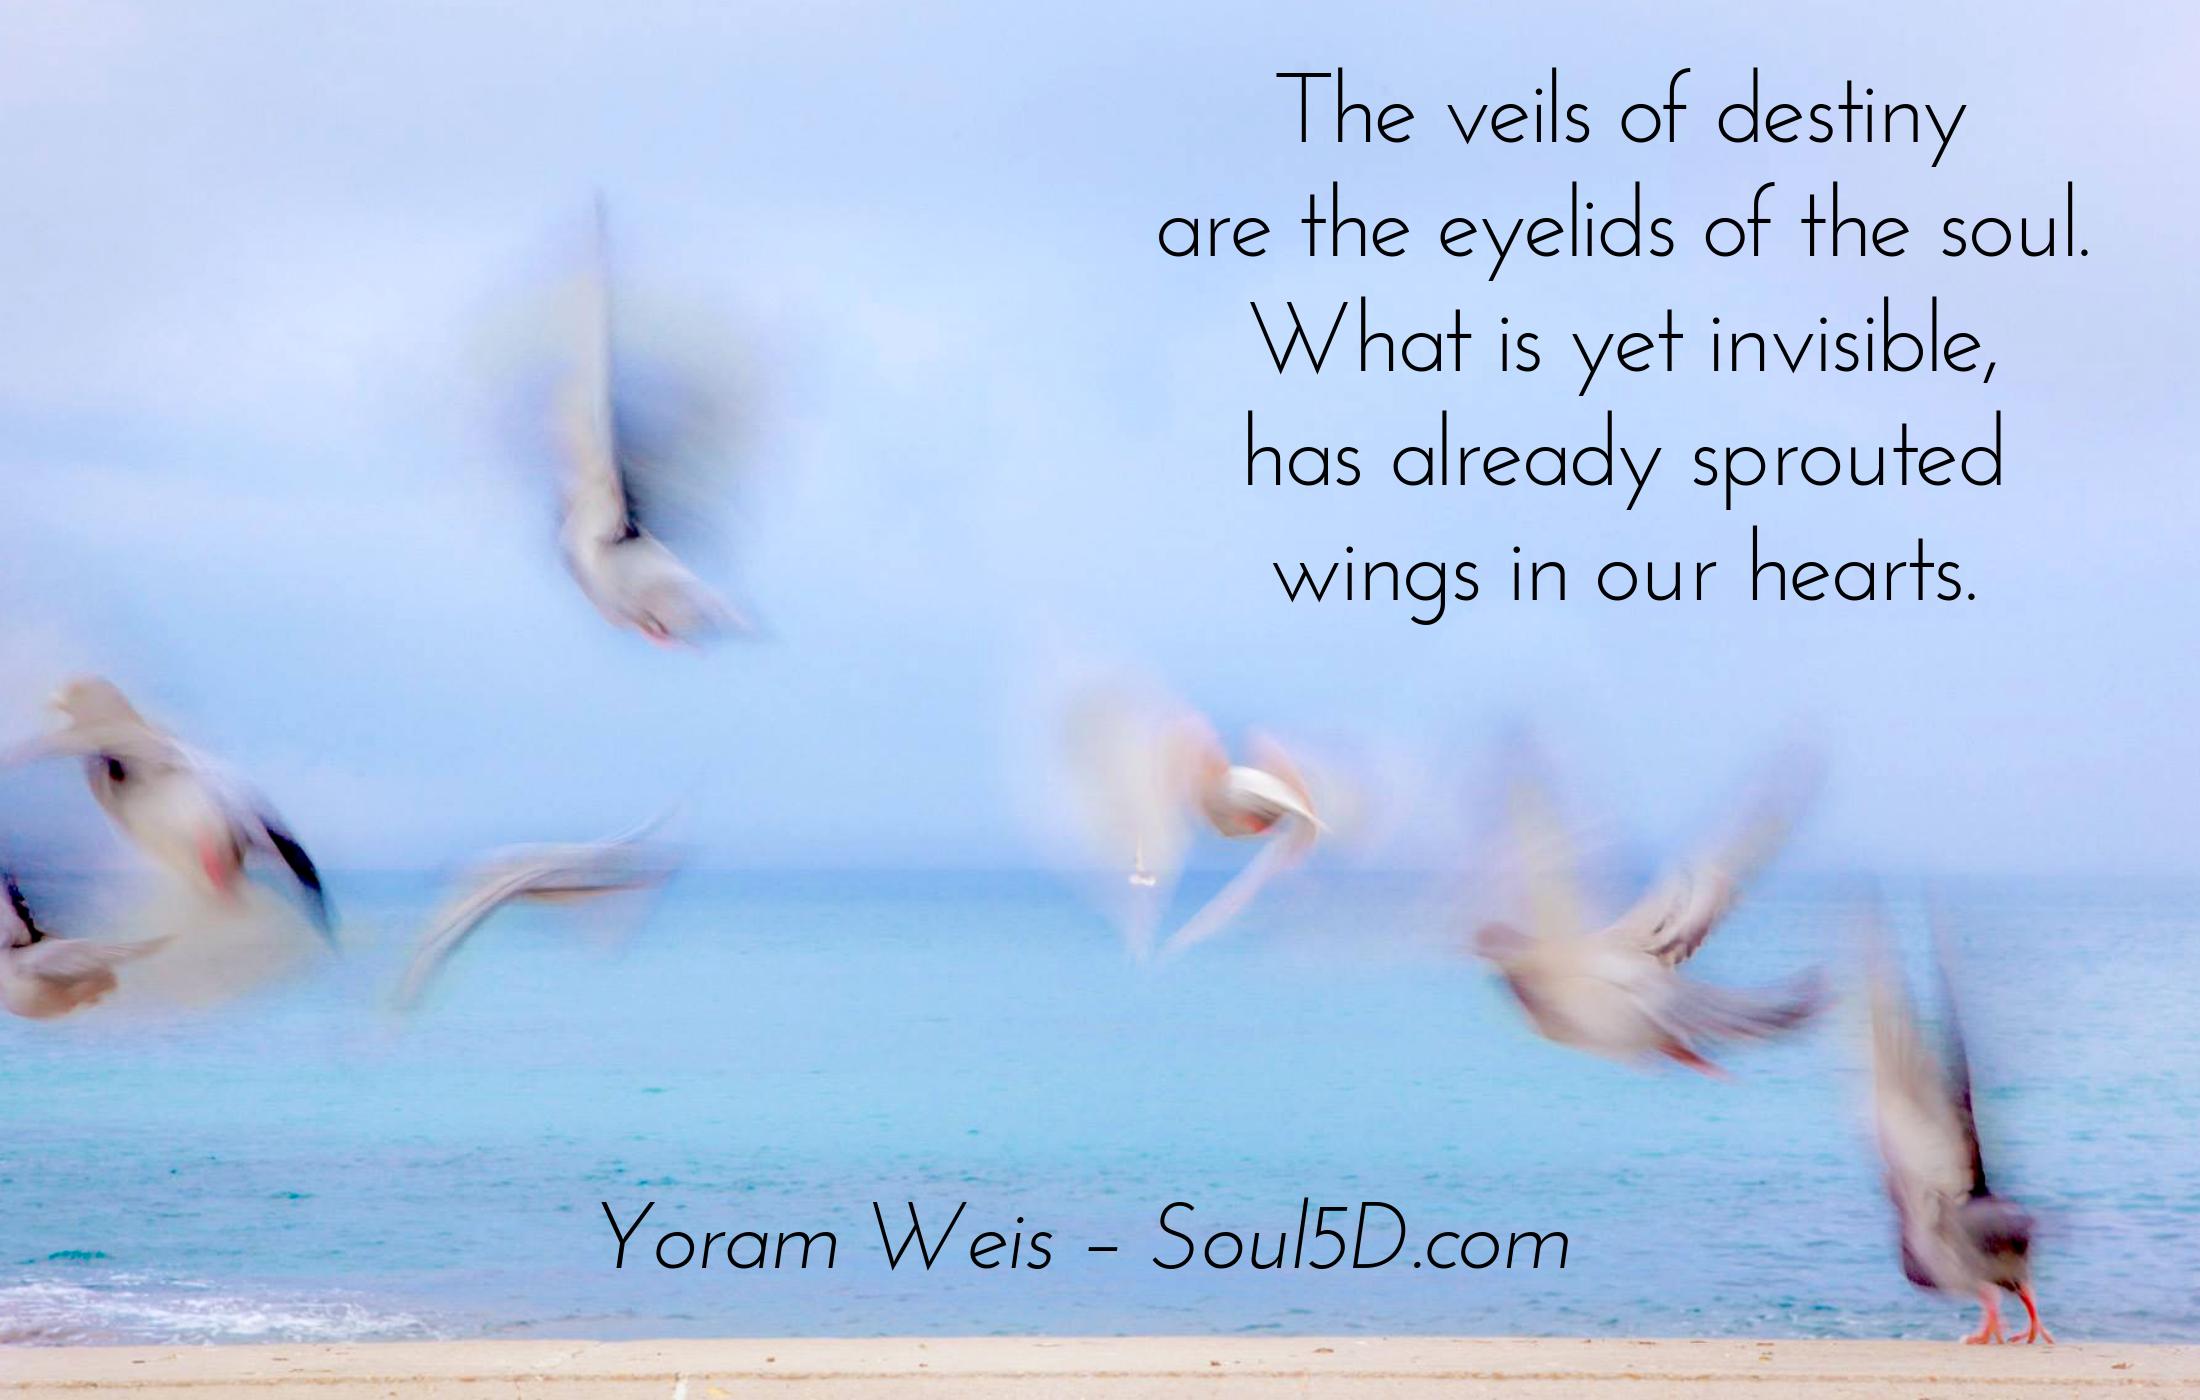 In Soul's-Eye View